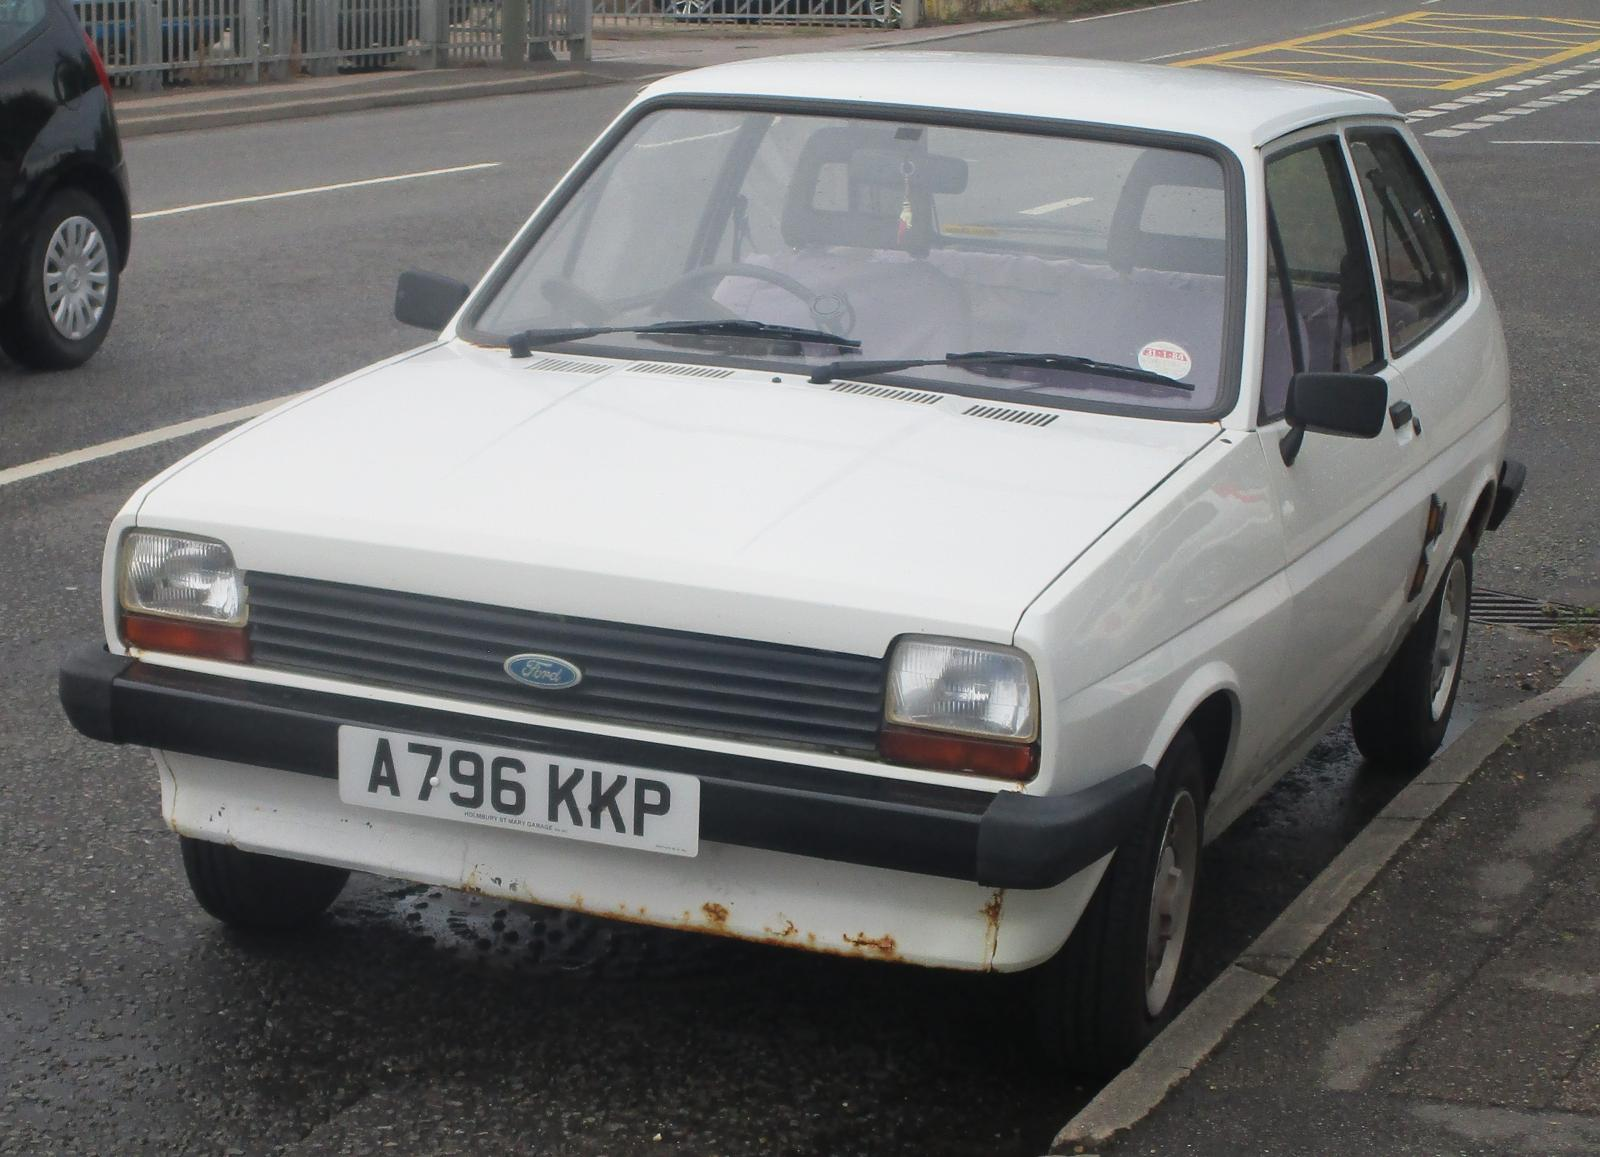 1983 Ford Fiesta 1.1 L jan2011.JPG